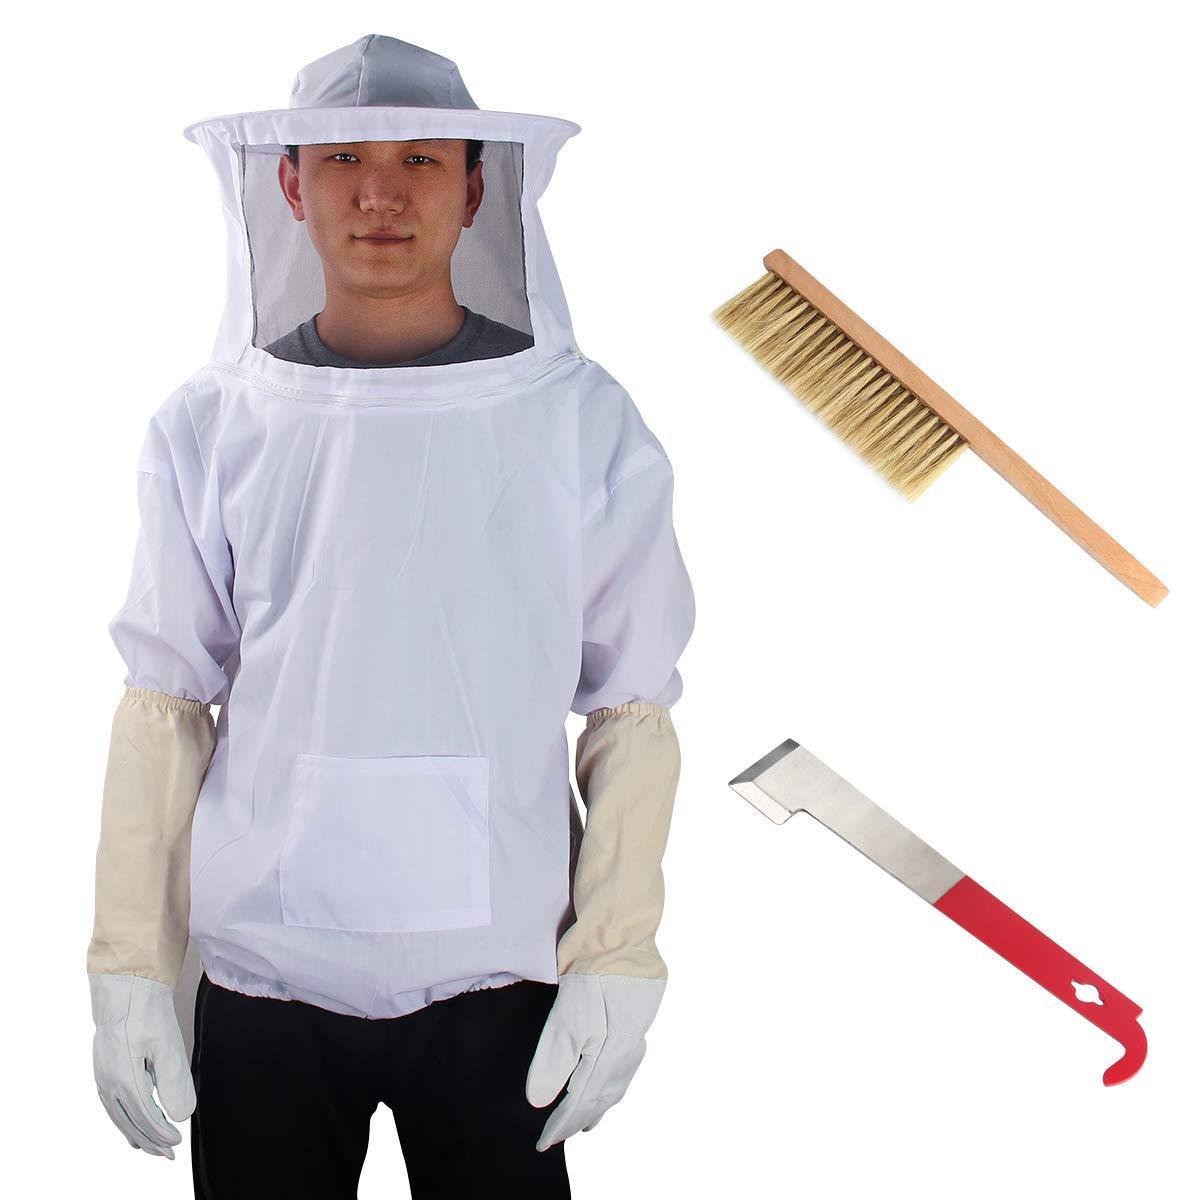 Yodensity Veste De Protection Professionnel avec Voile Anti Abeille pour Apiculteur Beekeeping Suit Veste d'apiculture + Gants + Brosse + Outil De Ruche (L: Recommandé pour Hauteur 180-190cm)